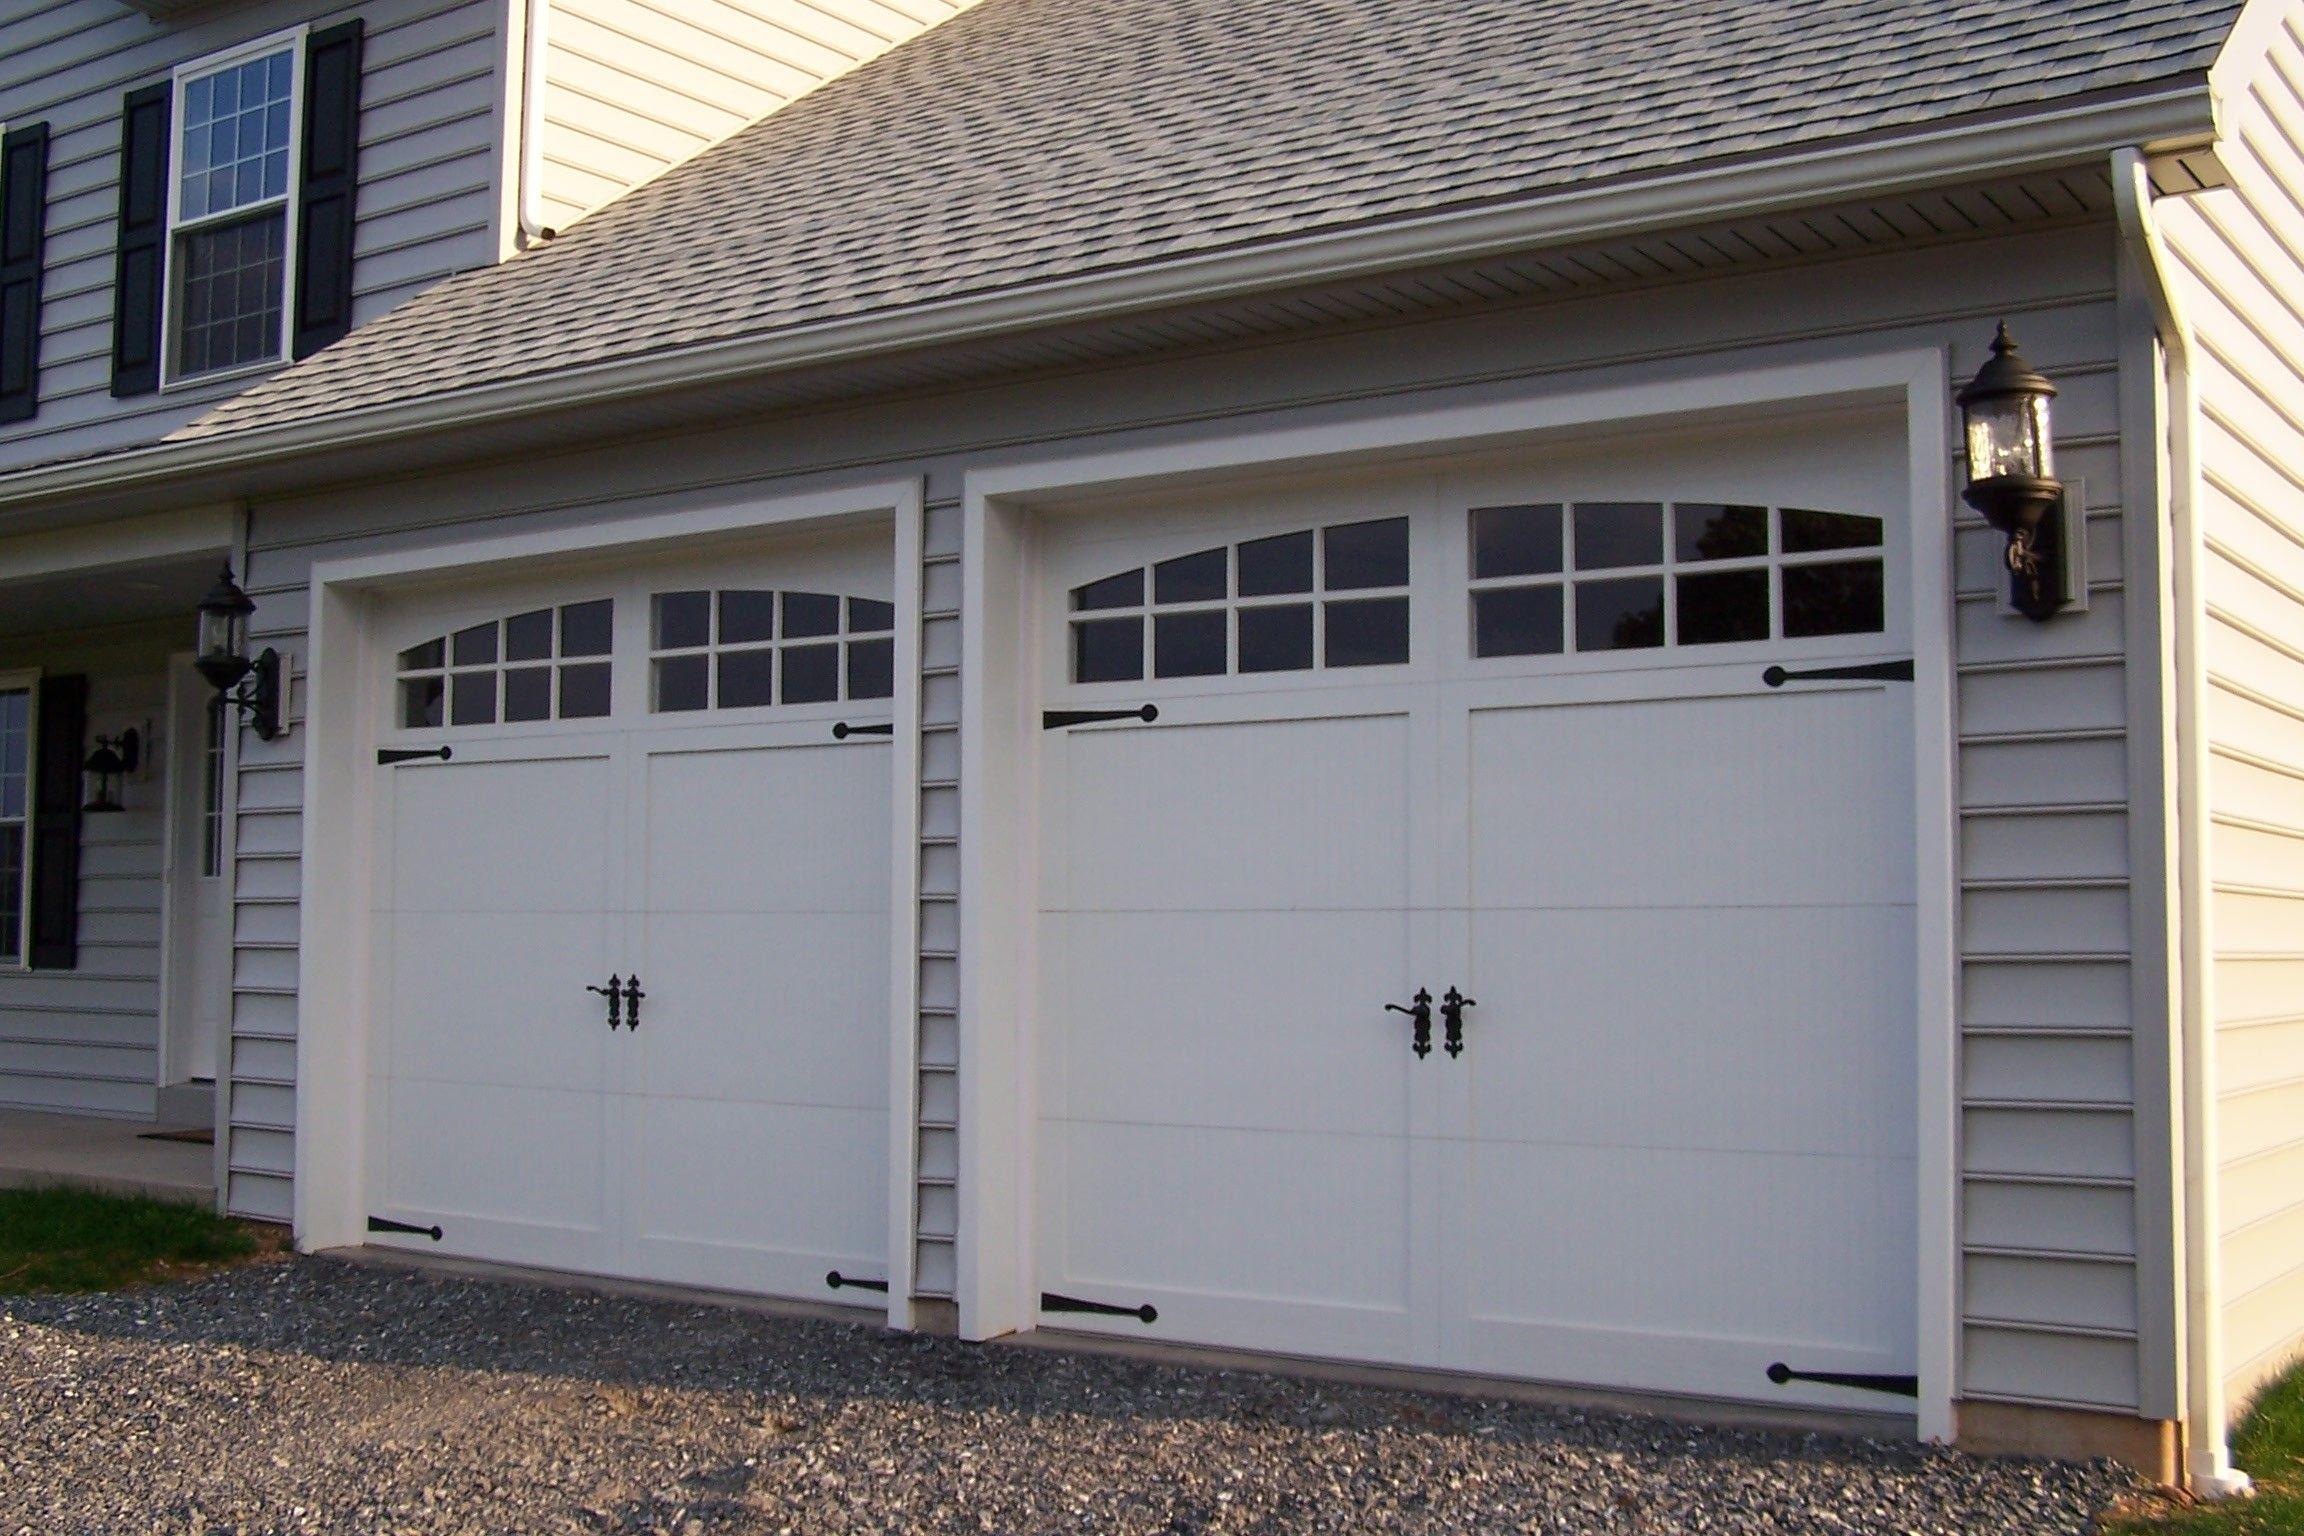 0 Mesmerizing Aluminum Garage Wall Panels Garage Wall Panels Waterproof Garage Wall Panels Home D Overhead Garage Door Garage Doors Carriage Style Garage Doors